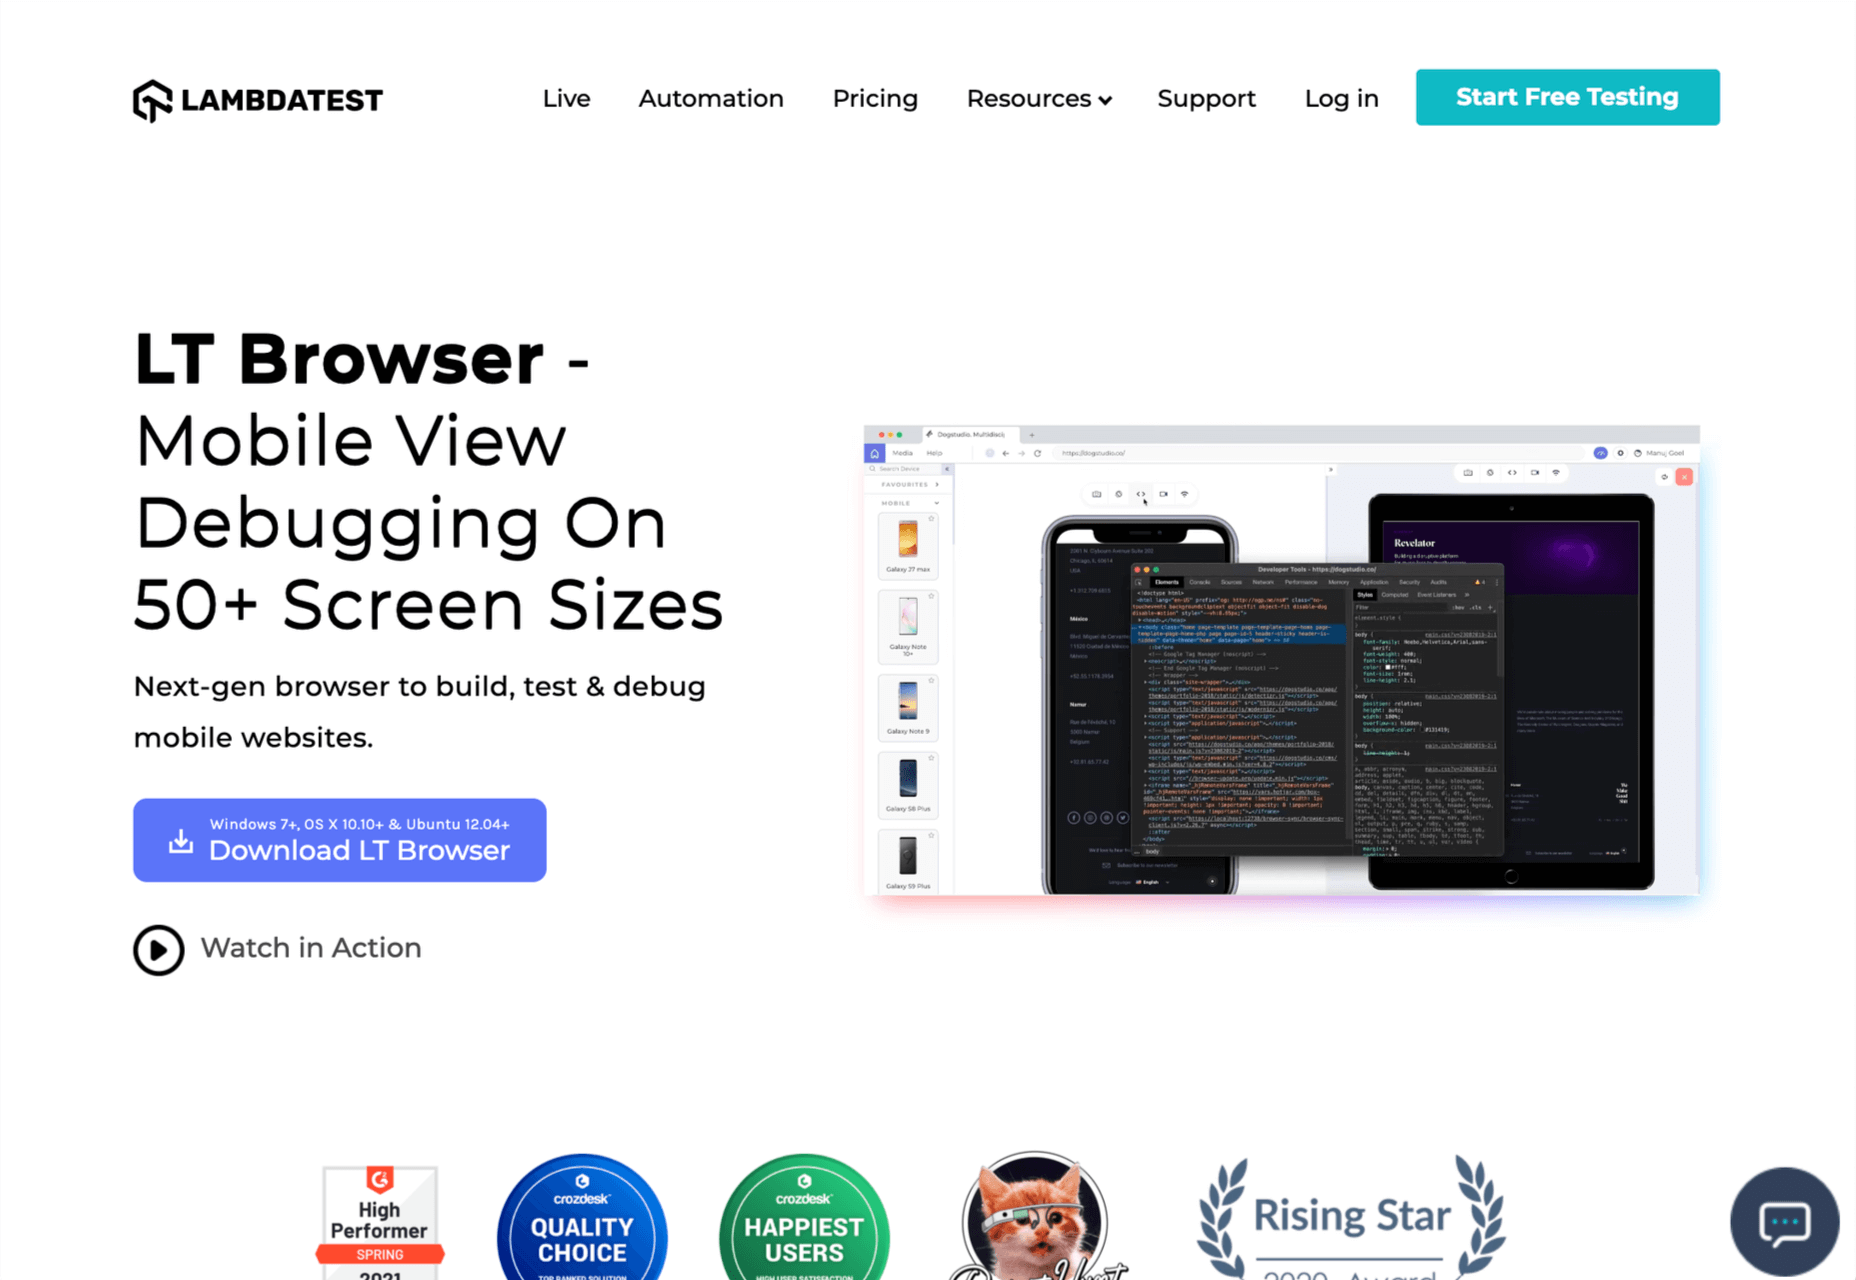 https://www.webdesignerdepot.com/cdn-origin/uploads/2021/06/ltbrowser.png